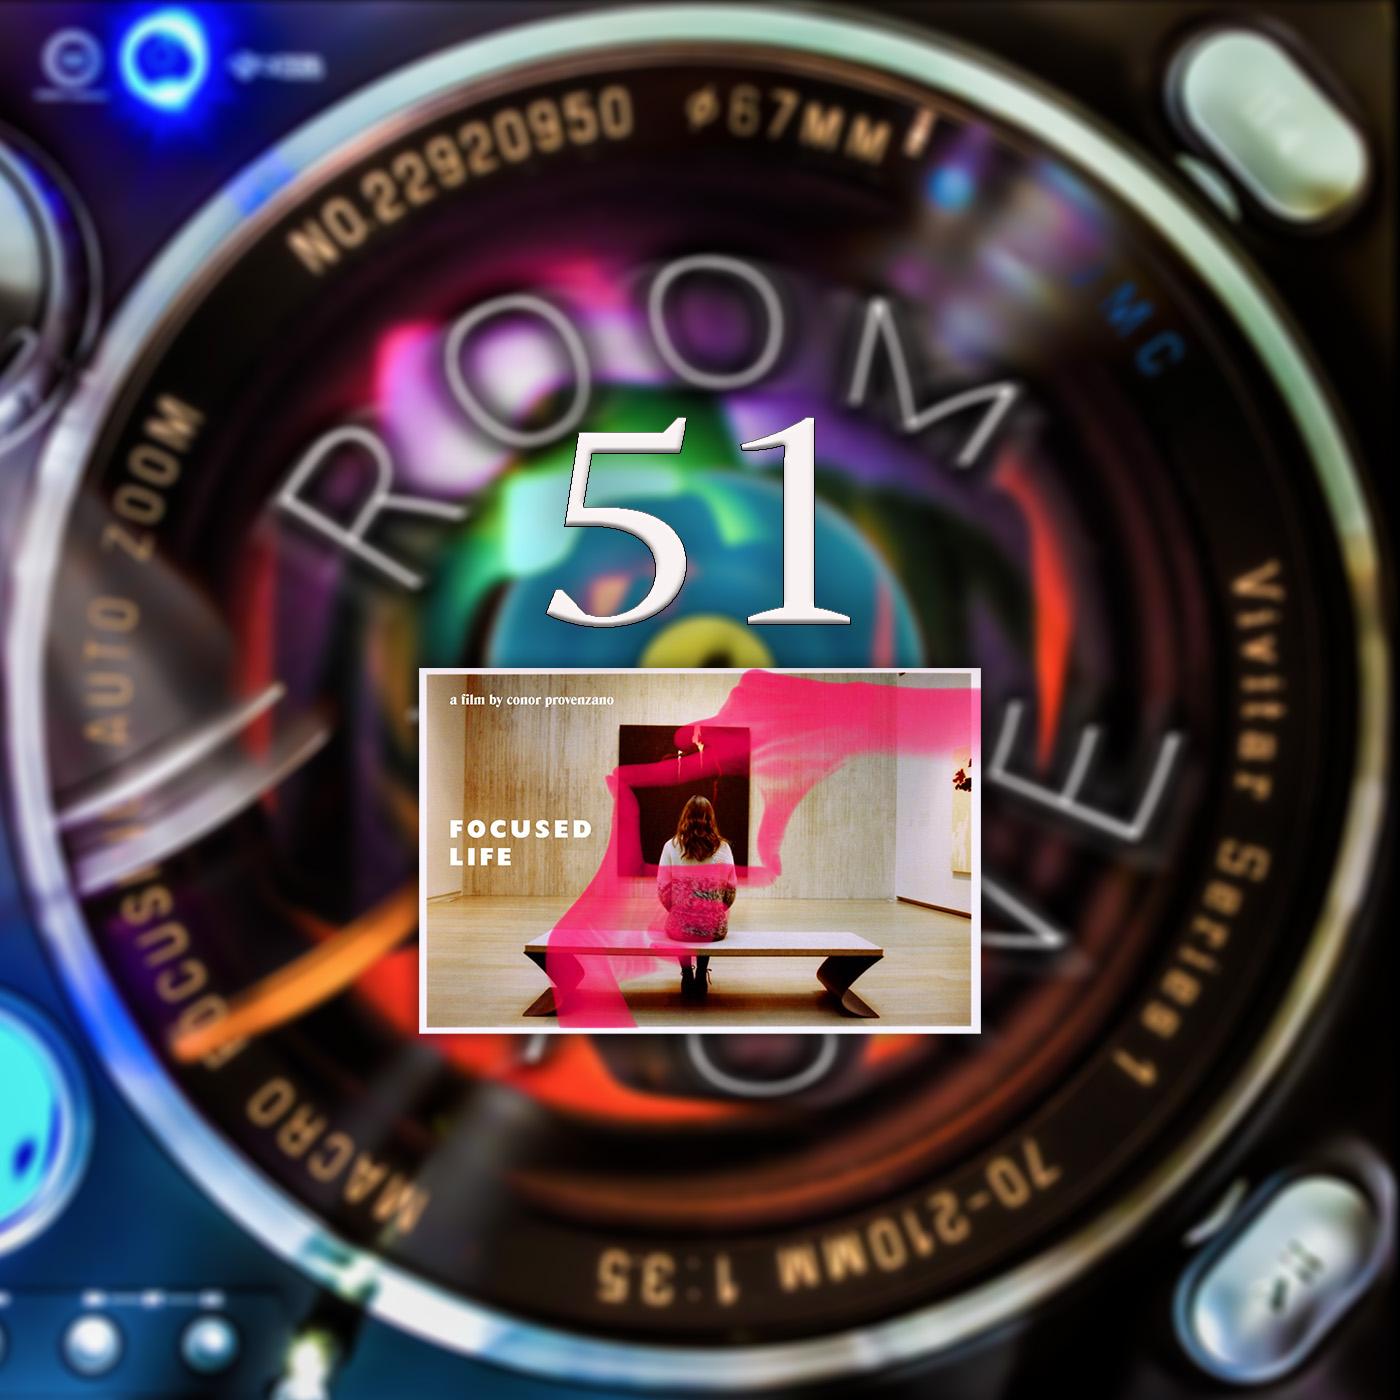 Room Tone Take 51.jpg